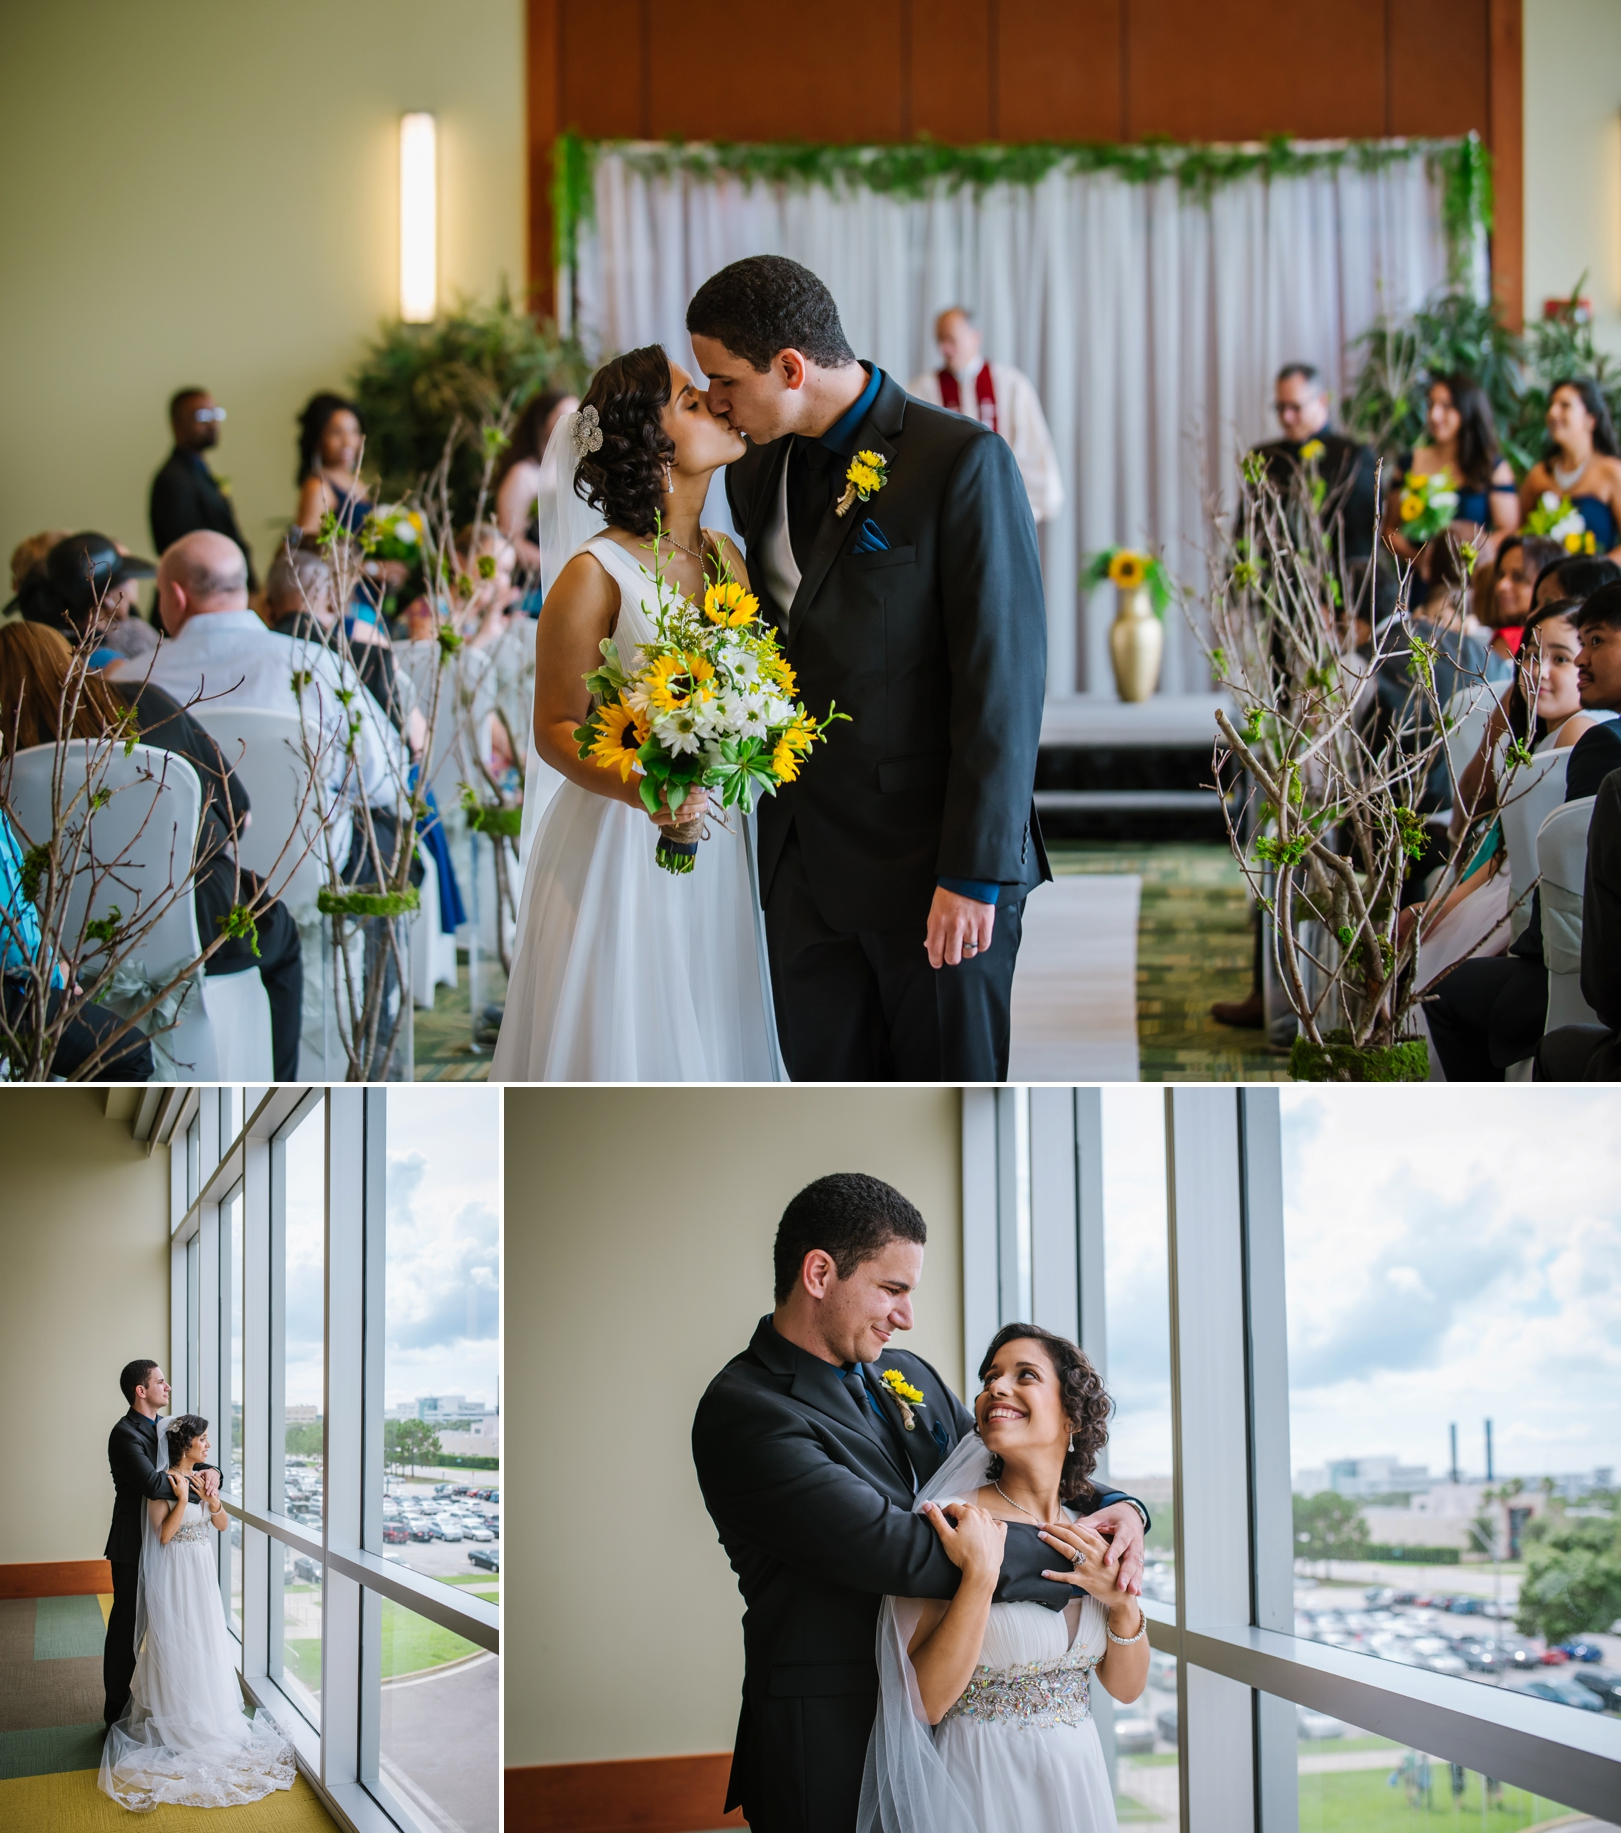 tampa-wedding-photographer-ashlee-hamon-usf_0017.jpg